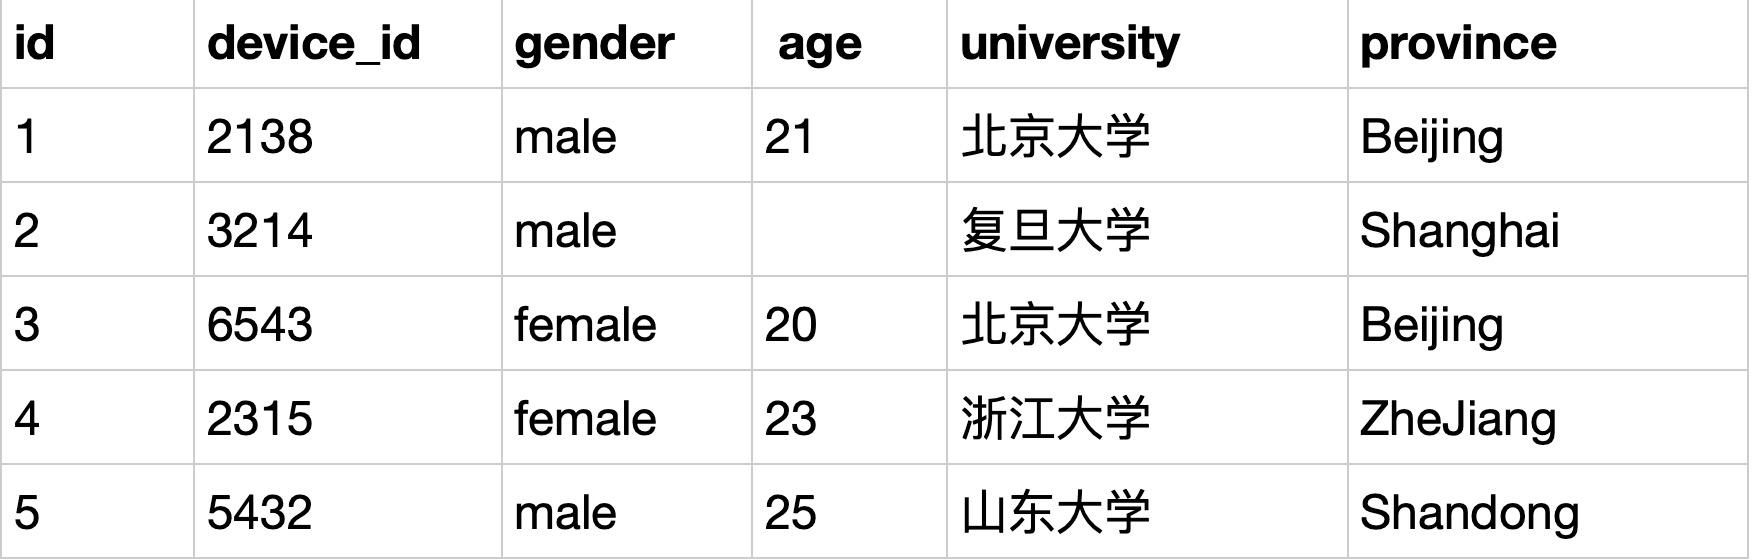 题目:作为区块链毕设学生网的数据分析师,现在运营想要针对20岁及以上且23岁及以下的用户开展分析,请取出满足条件的用户明细数据。                根据输入,你的查询应返回以下结果: